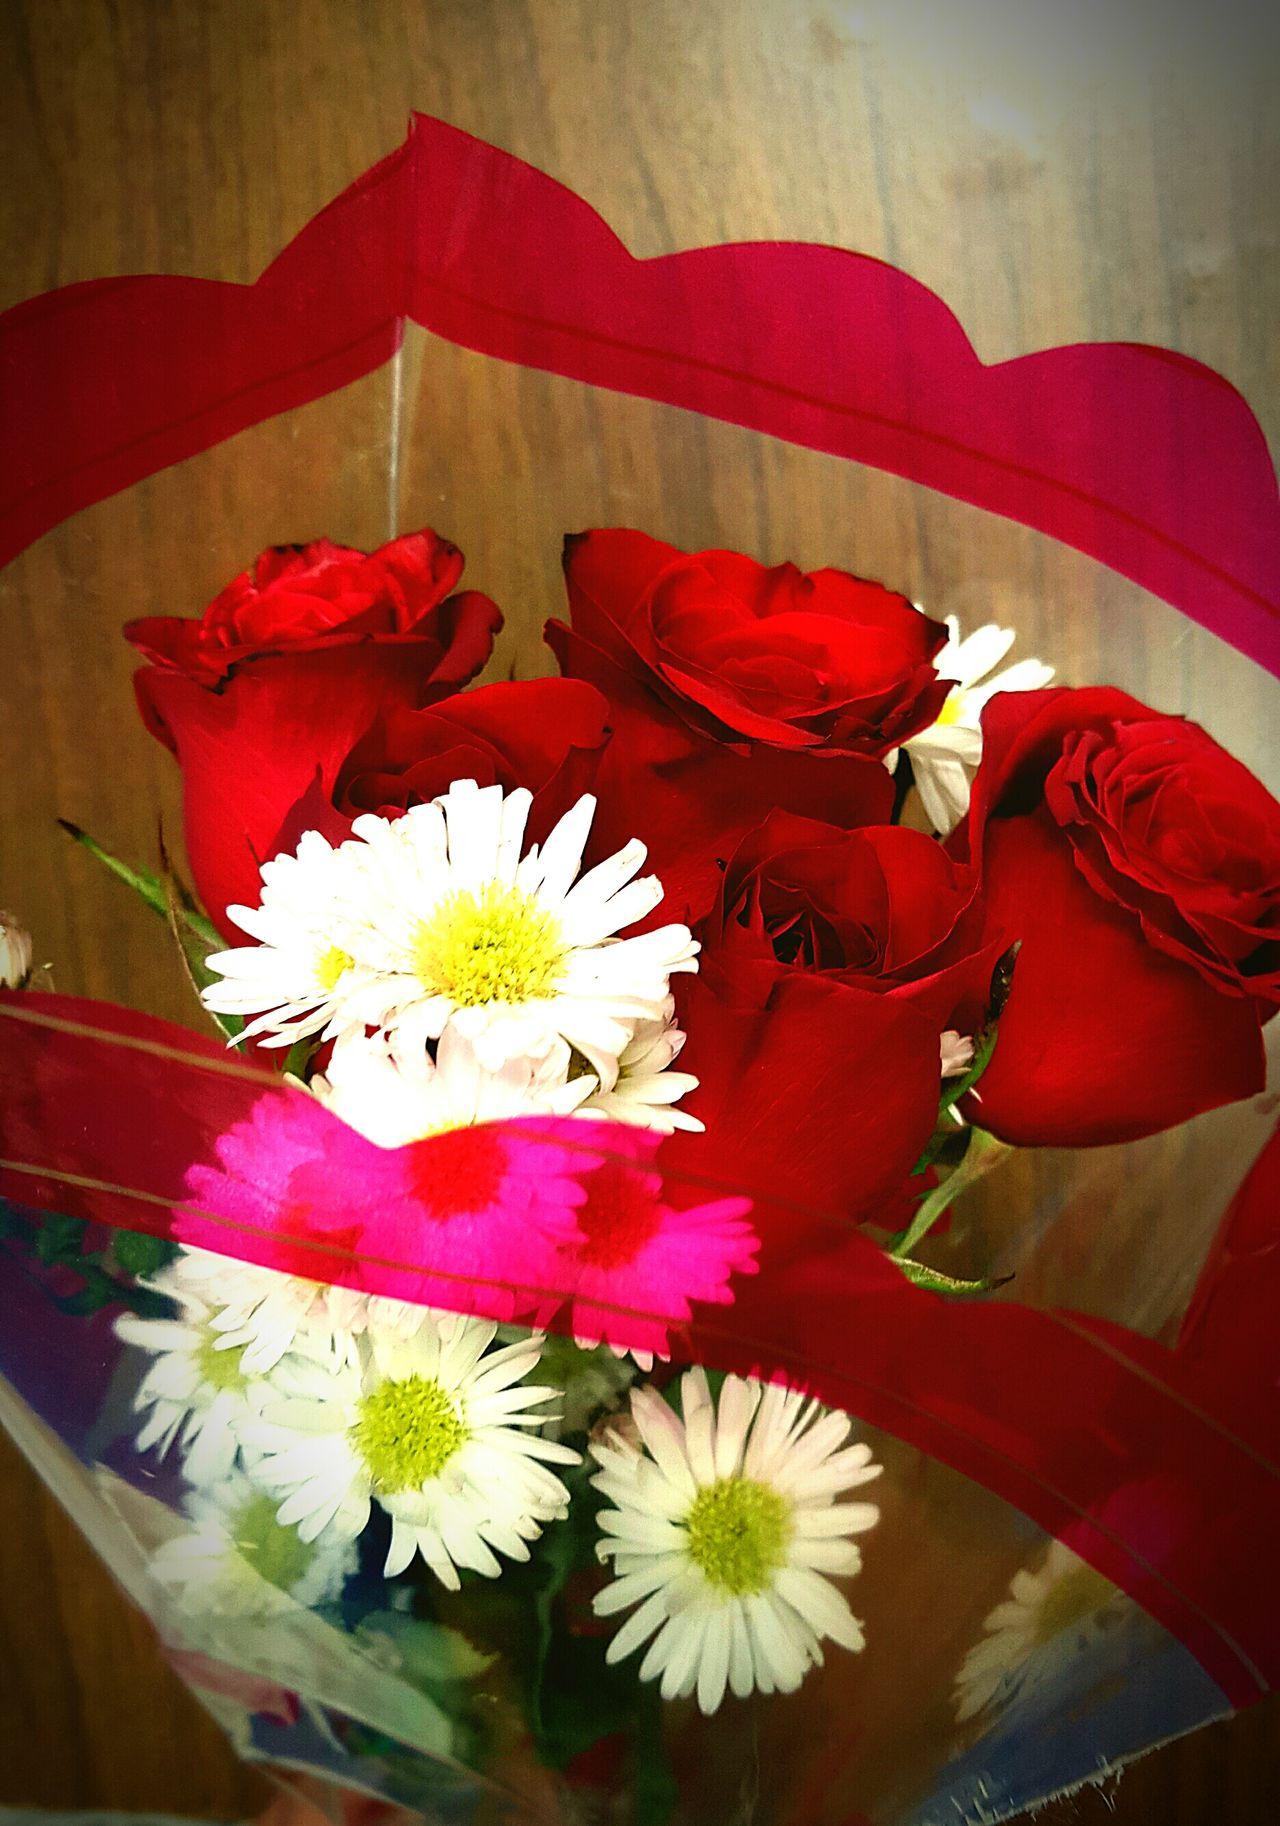 Podran podar todas las flores, pero nunca terminara nuestra primavera.. :D :* Rudoycursi :)